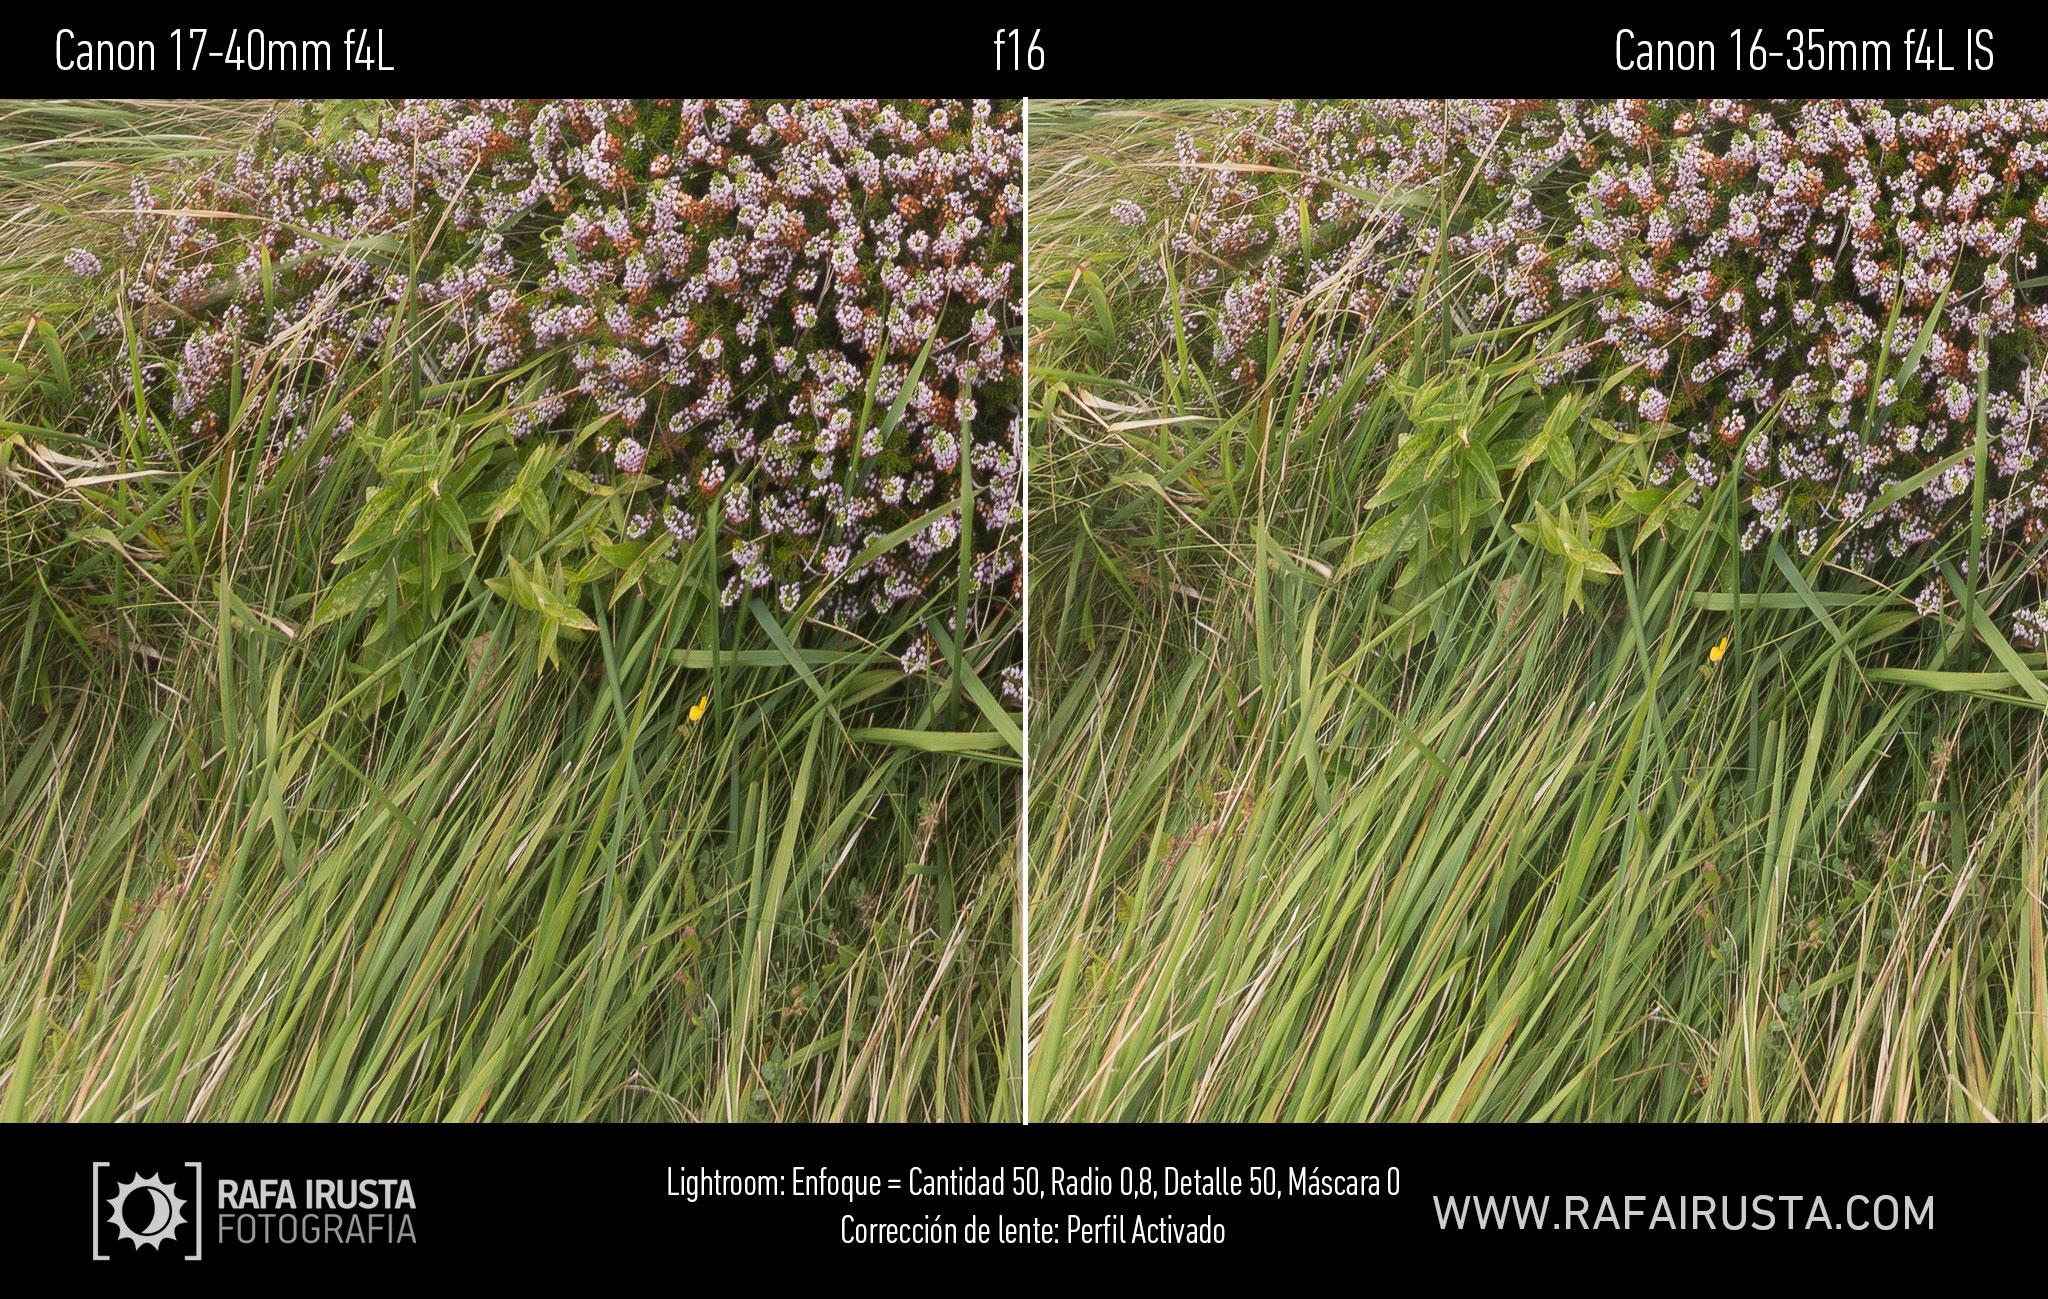 Prueba Canon 16-35mm f/4L IS, comparativa 17-40 vs 16-35 con enfoque y con ajuste de perfil, f16